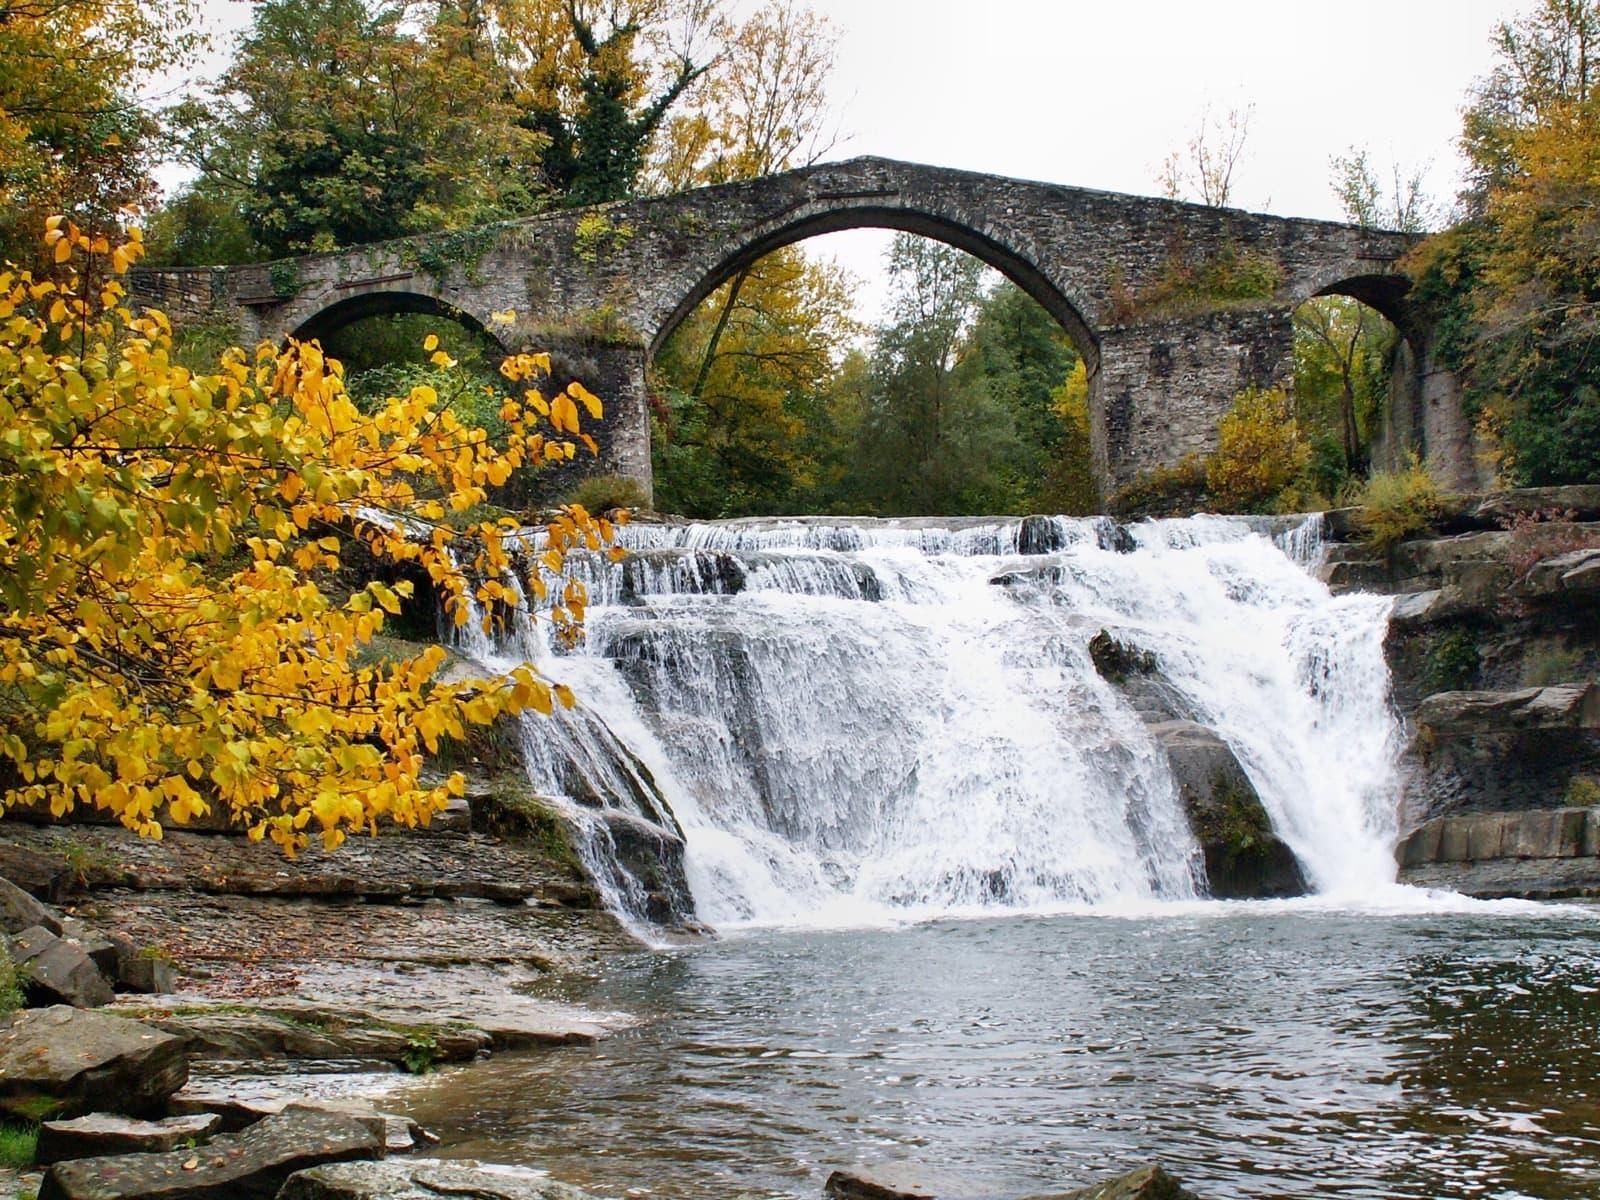 Bocconi, Brusia bridge Ph. Bandiere Arancioni